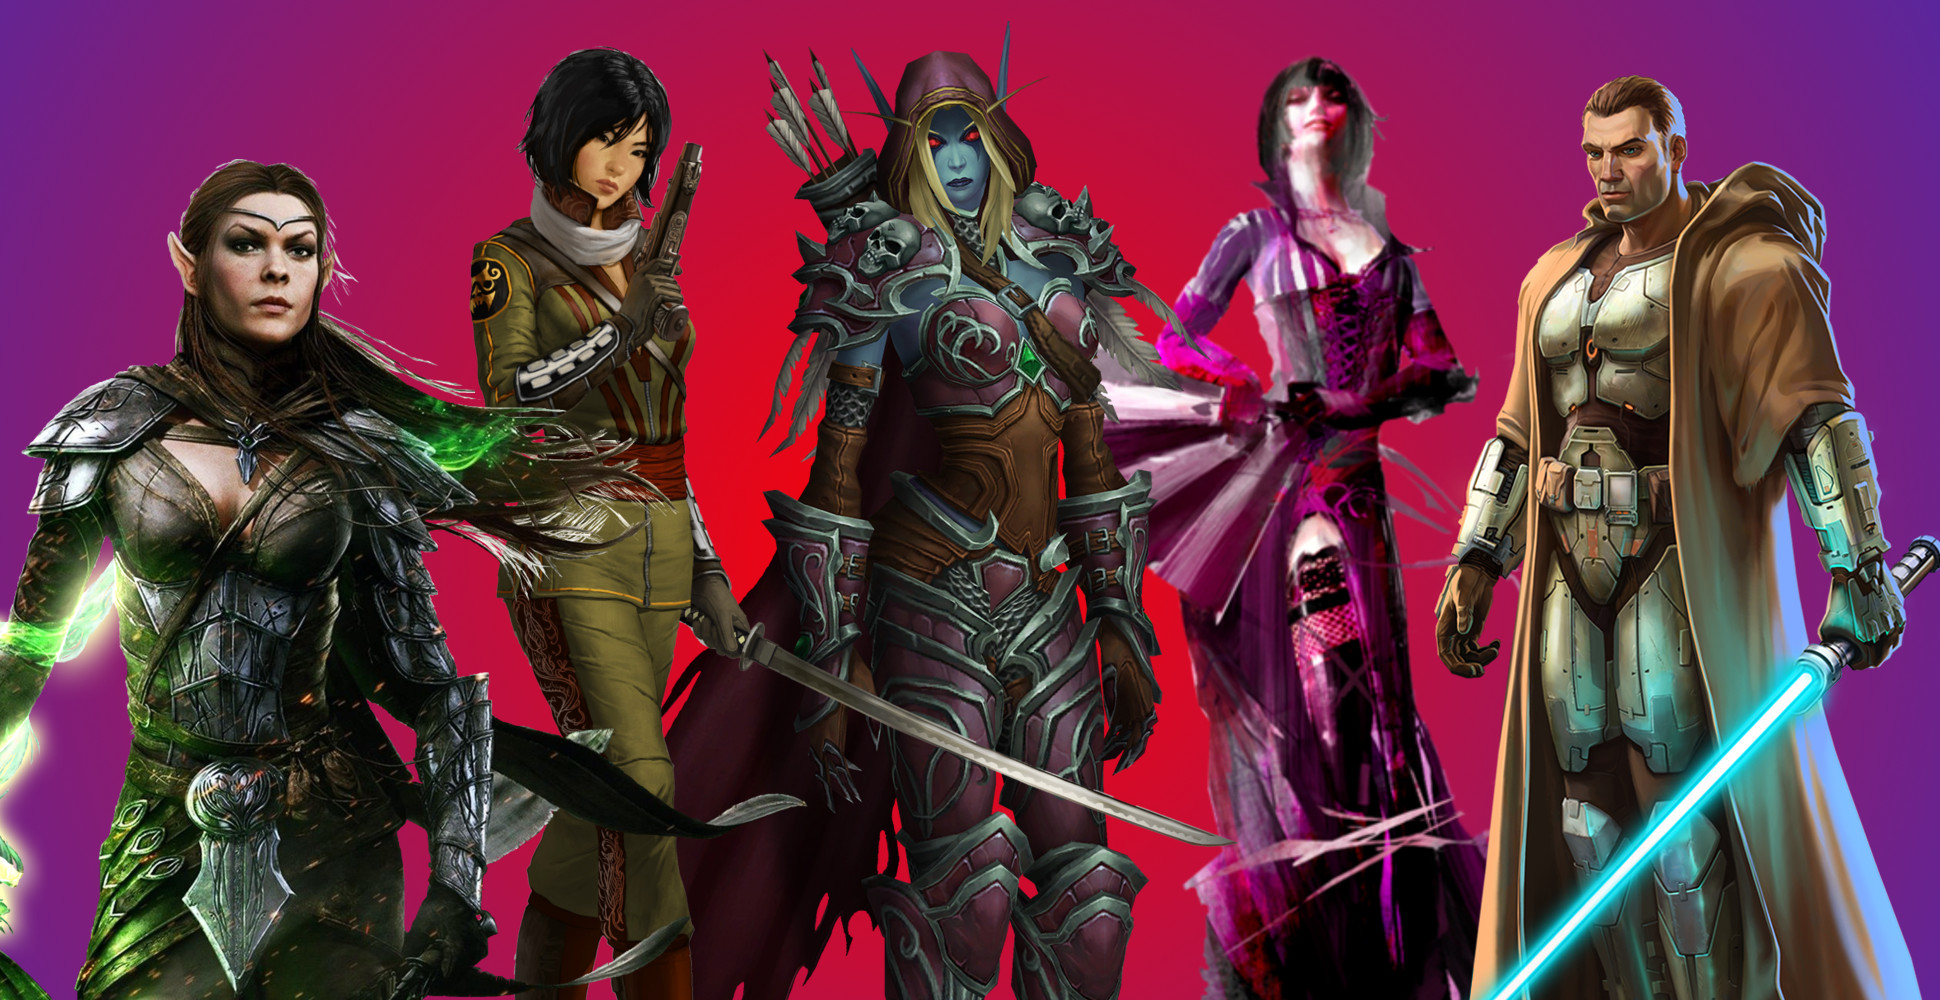 Die 6 besten Story-MMORPGs, die Ihr 2020 spielen könnt